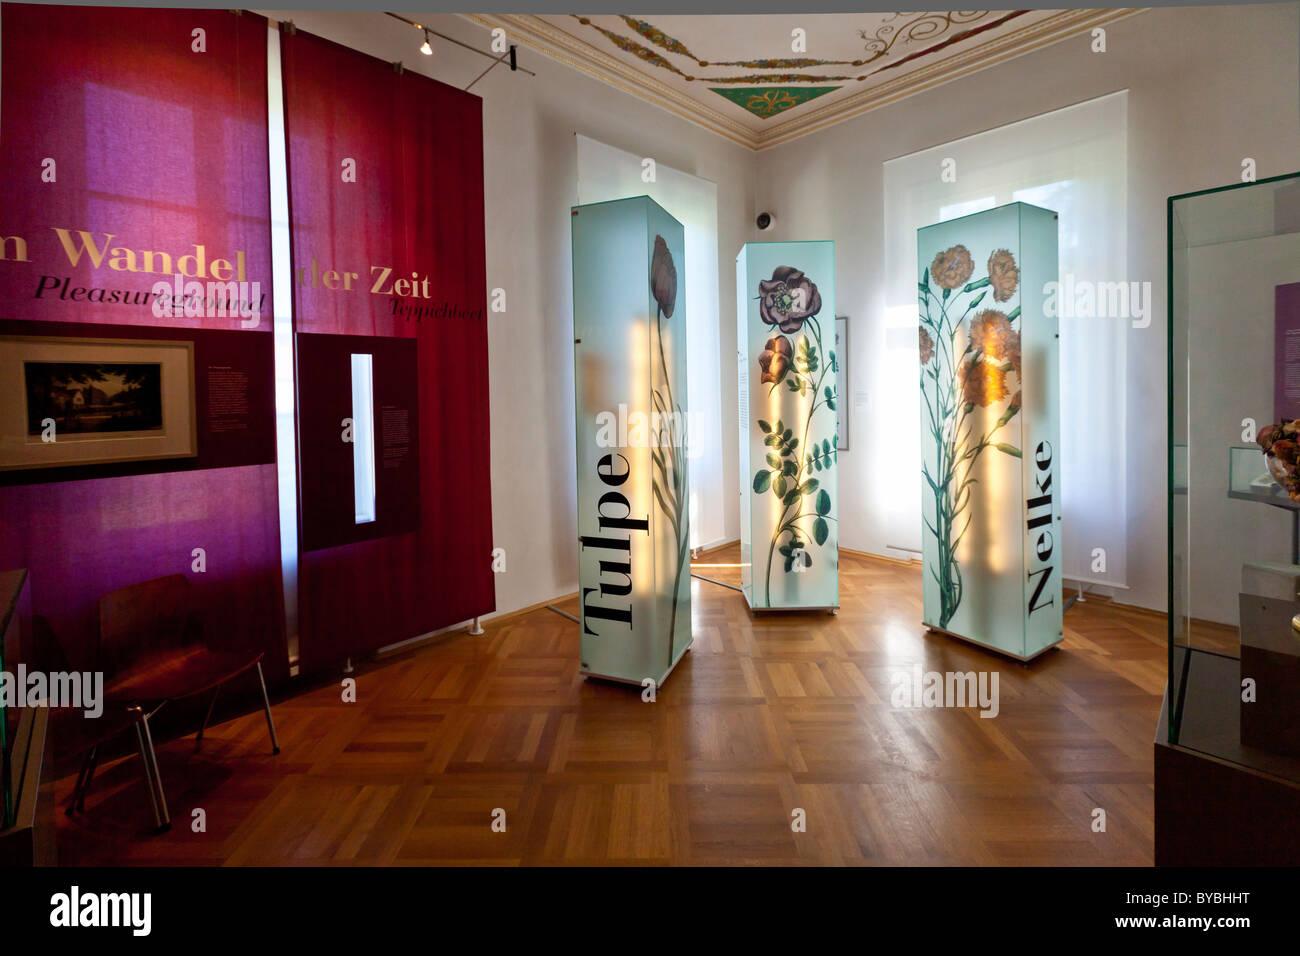 Museum für Landschaftsgestaltung, Schloss Fantaisie Palace, Bayreuth, Upper Franconia, Bayern, Deutschland, Stockbild